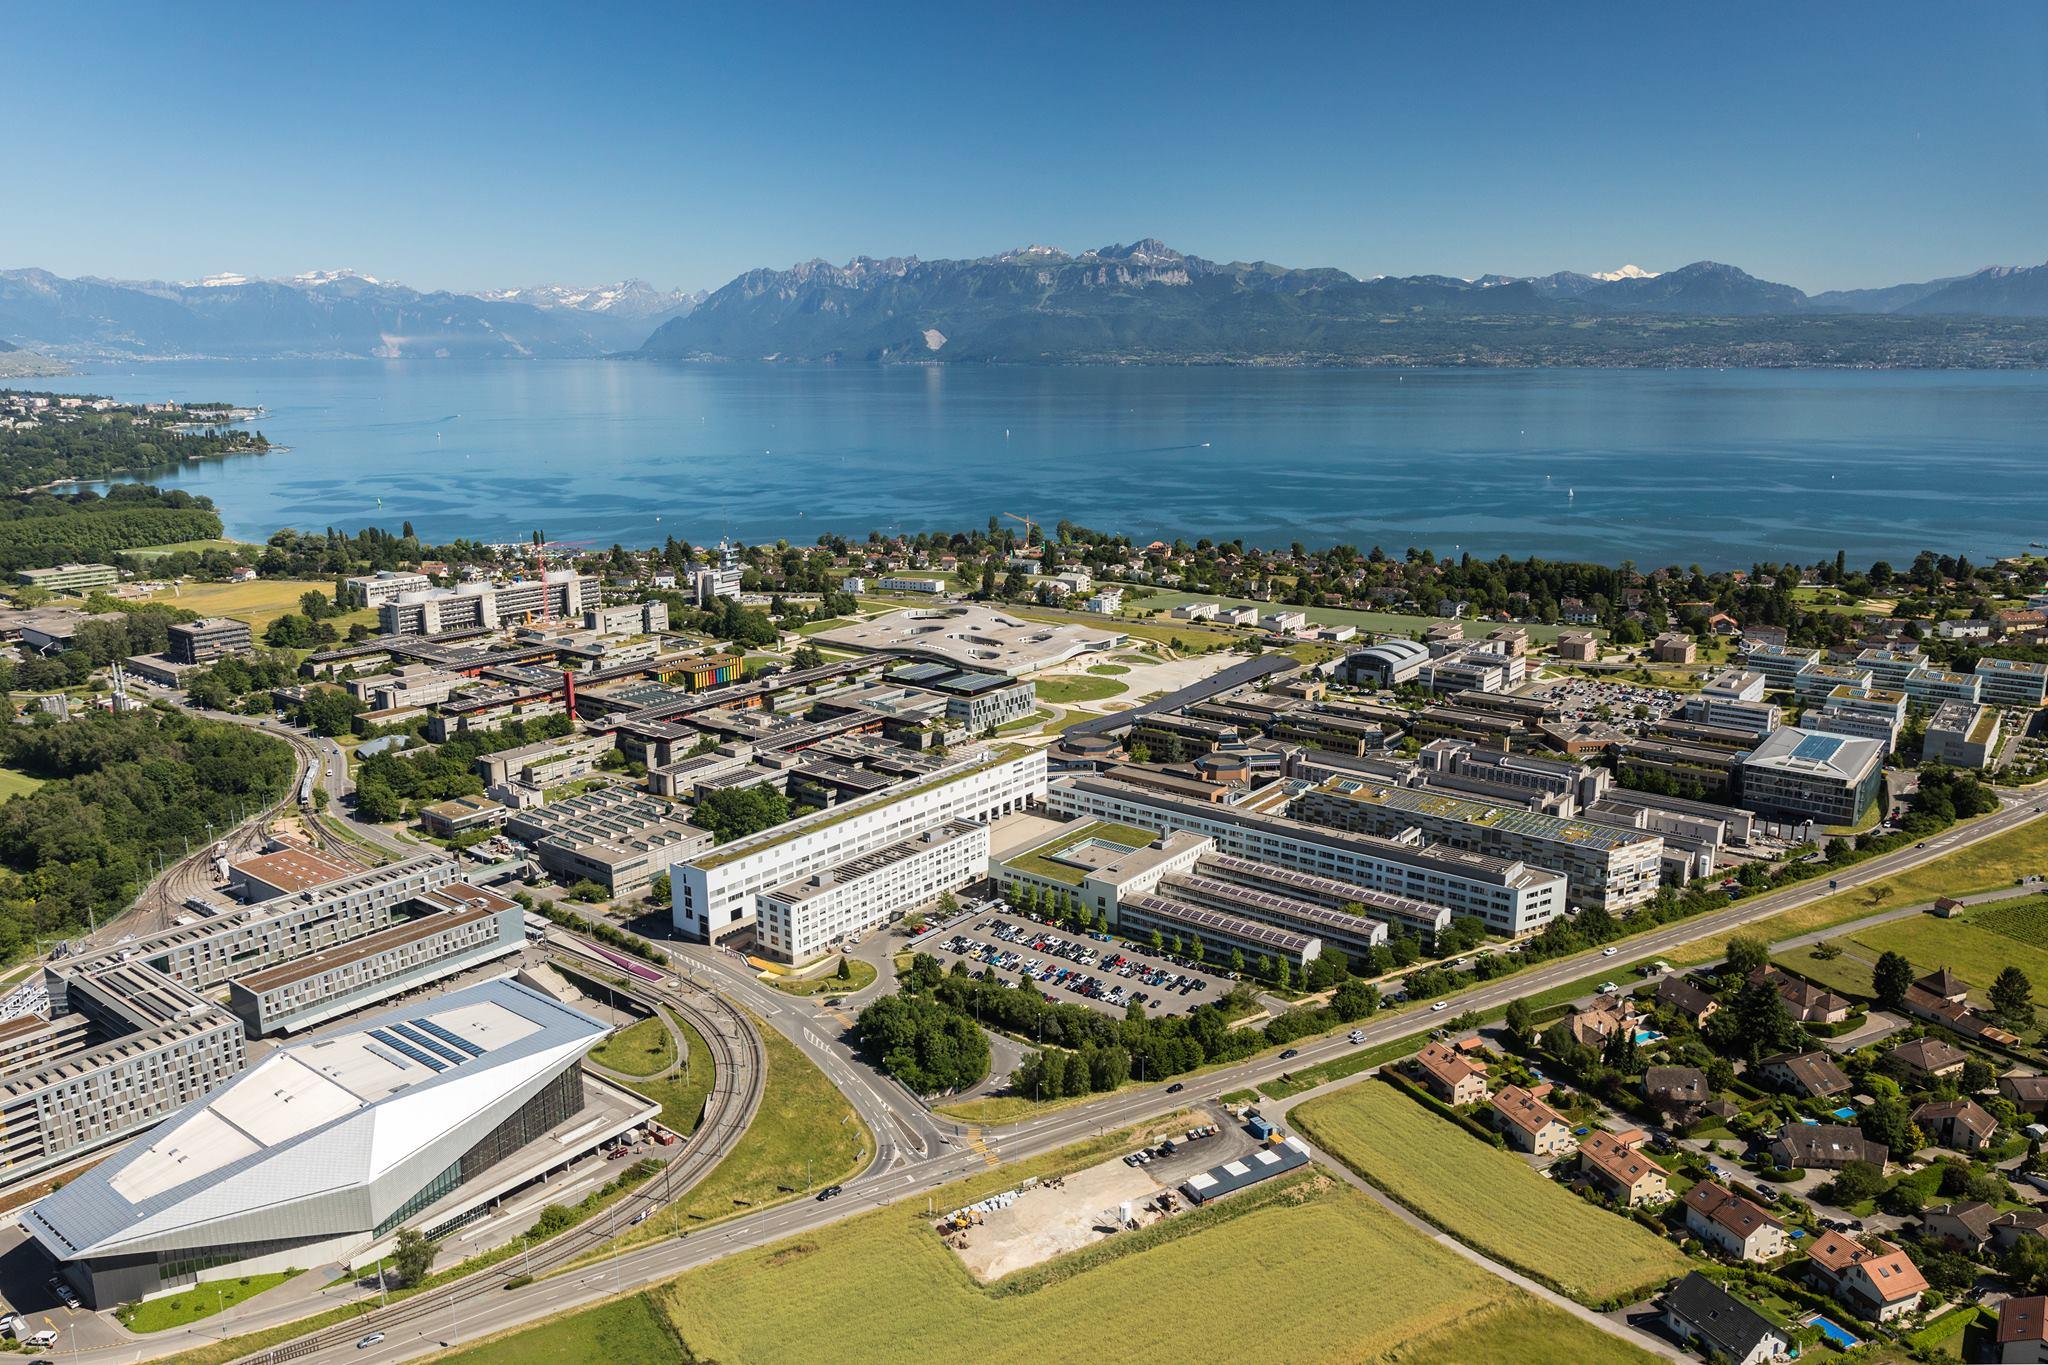 Por dentro da EPFL: conheça a segunda melhor universidade da Suíça